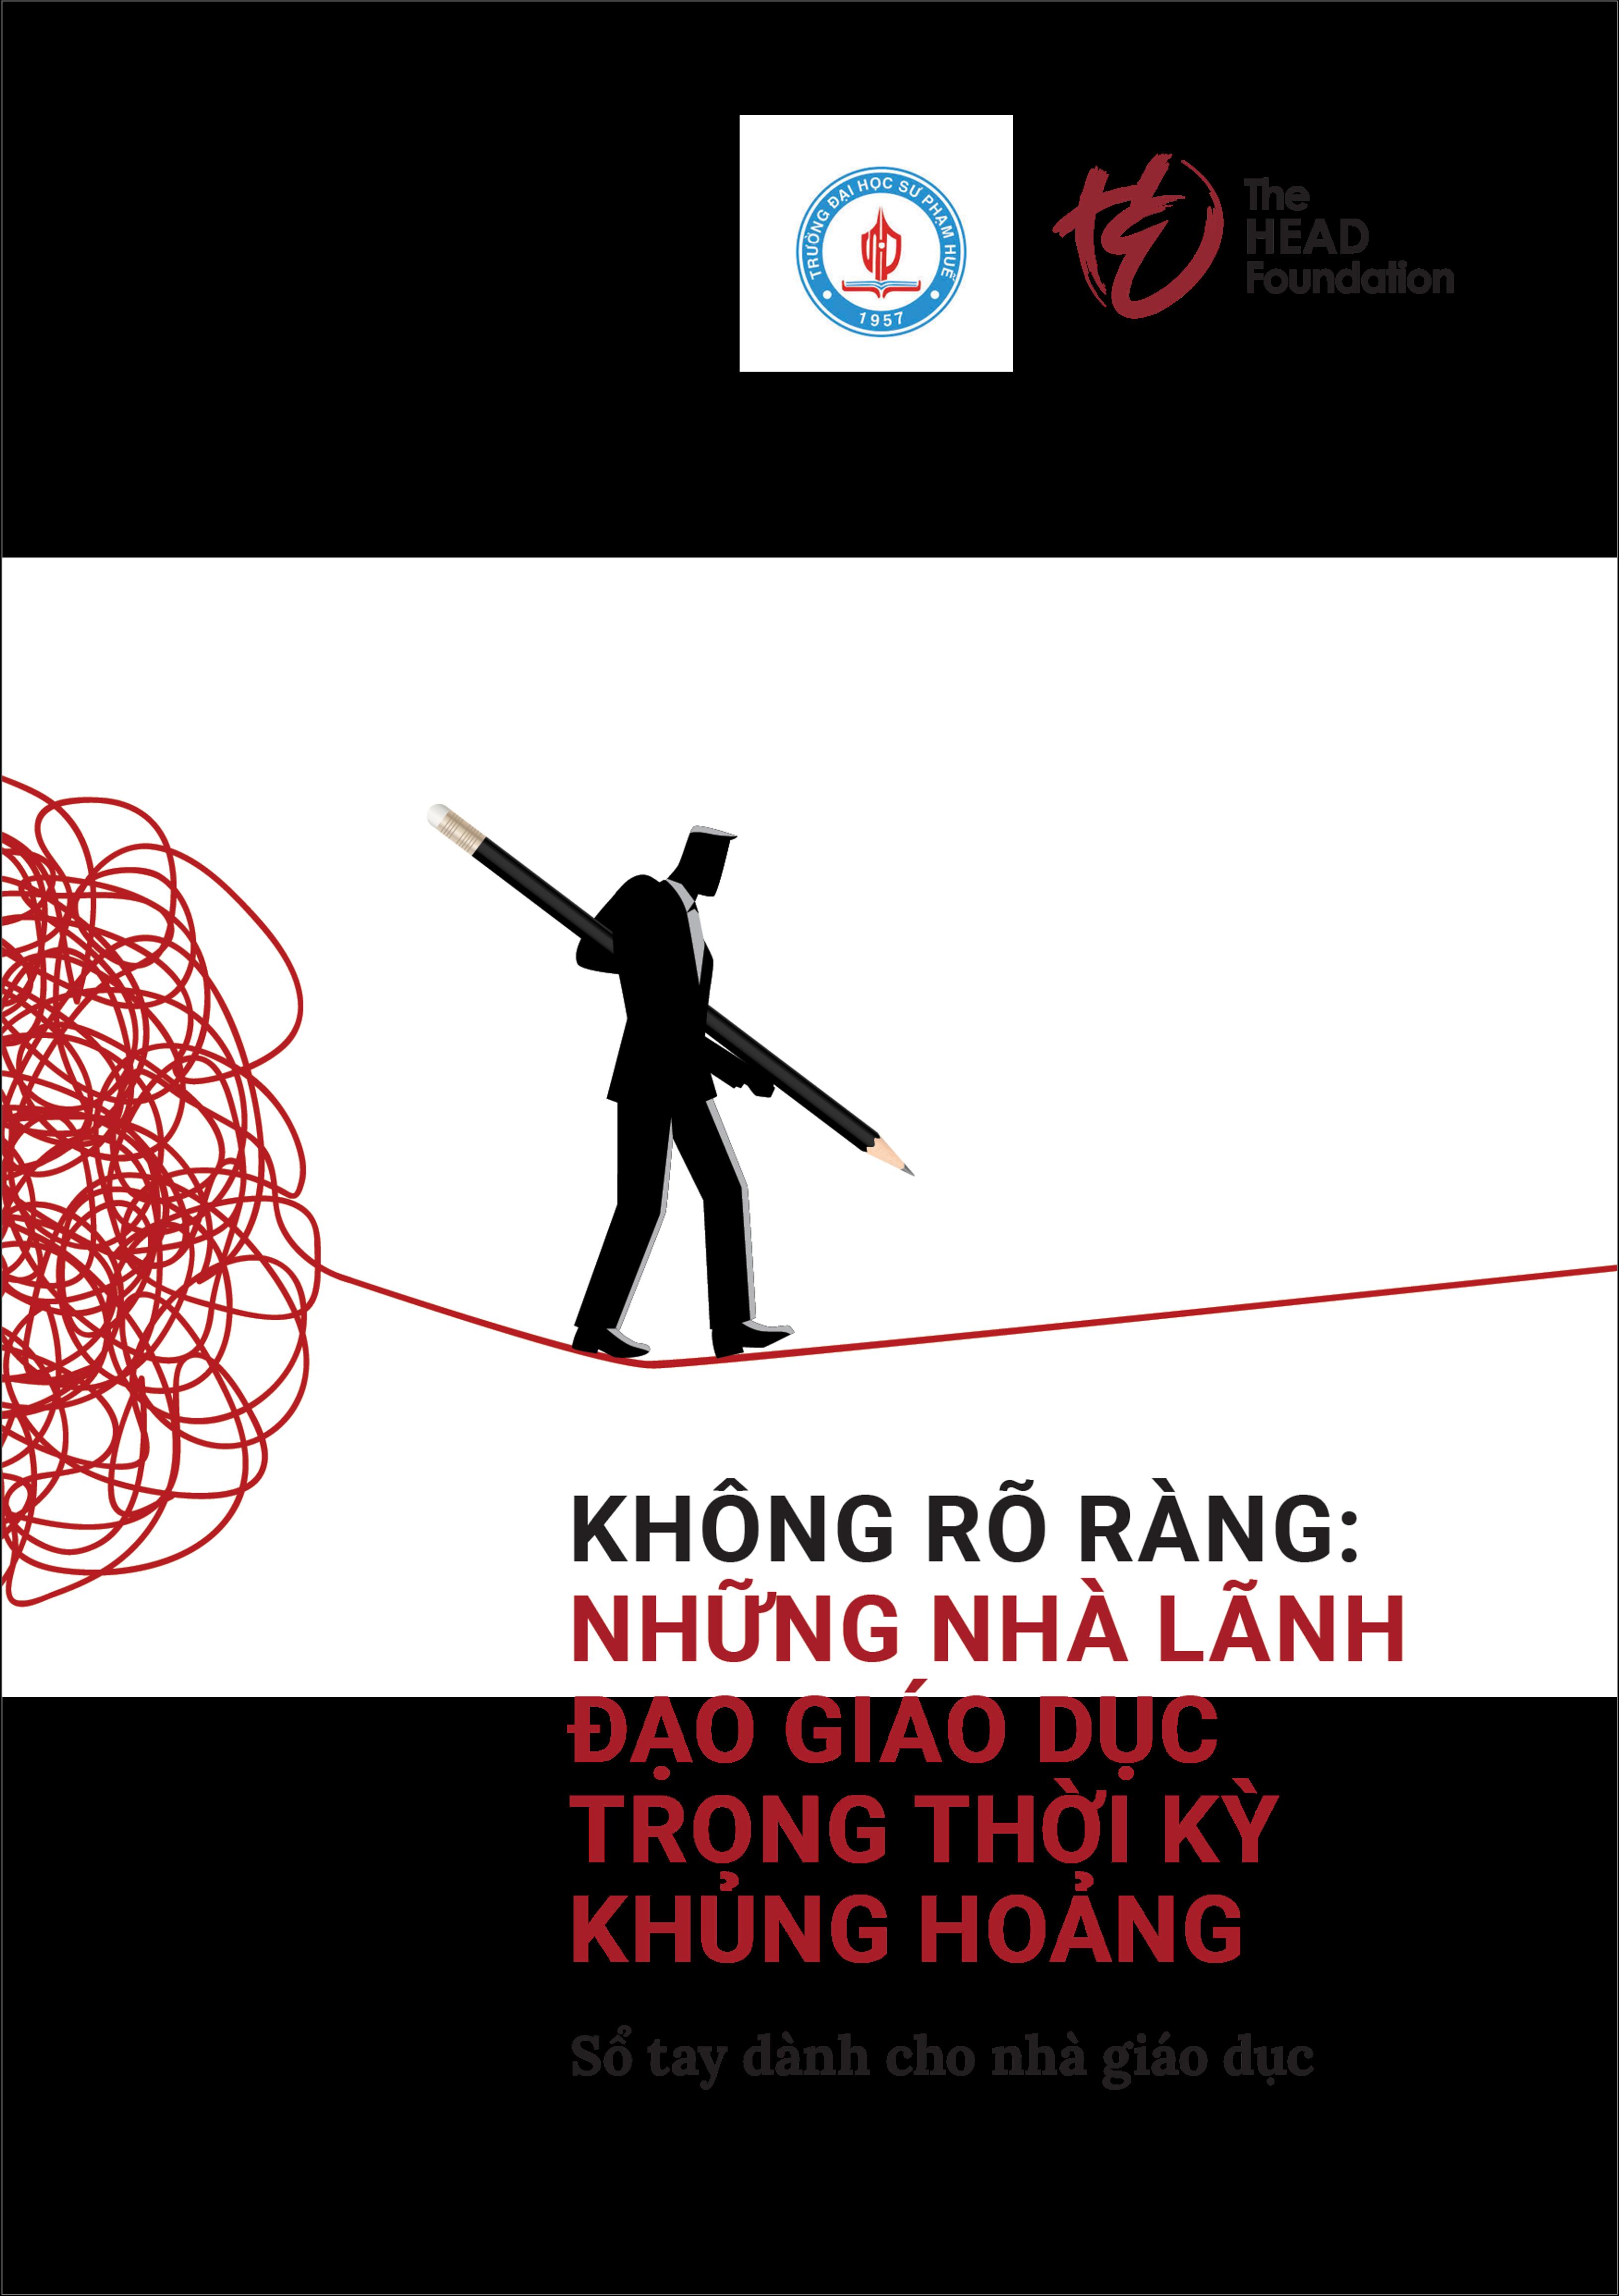 Handbook 1 (Vietnamese) cover_Không Rõ Ràng (website)